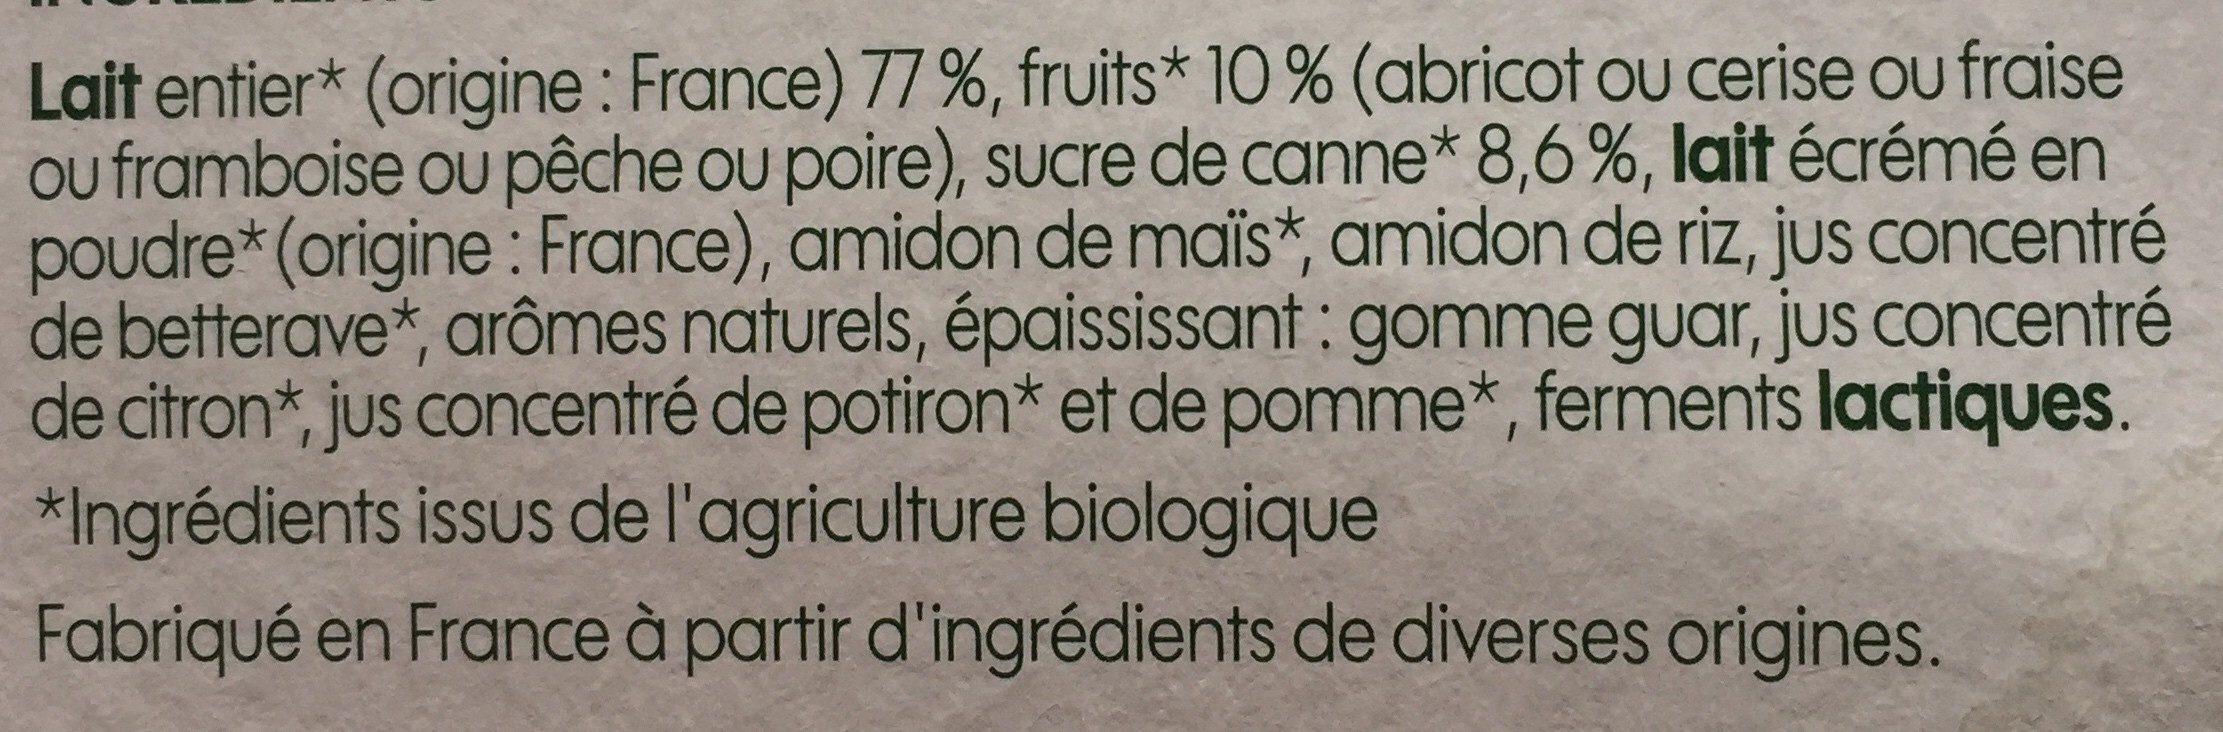 Yaourt aux fruits panachés x 12 - Ingrédients